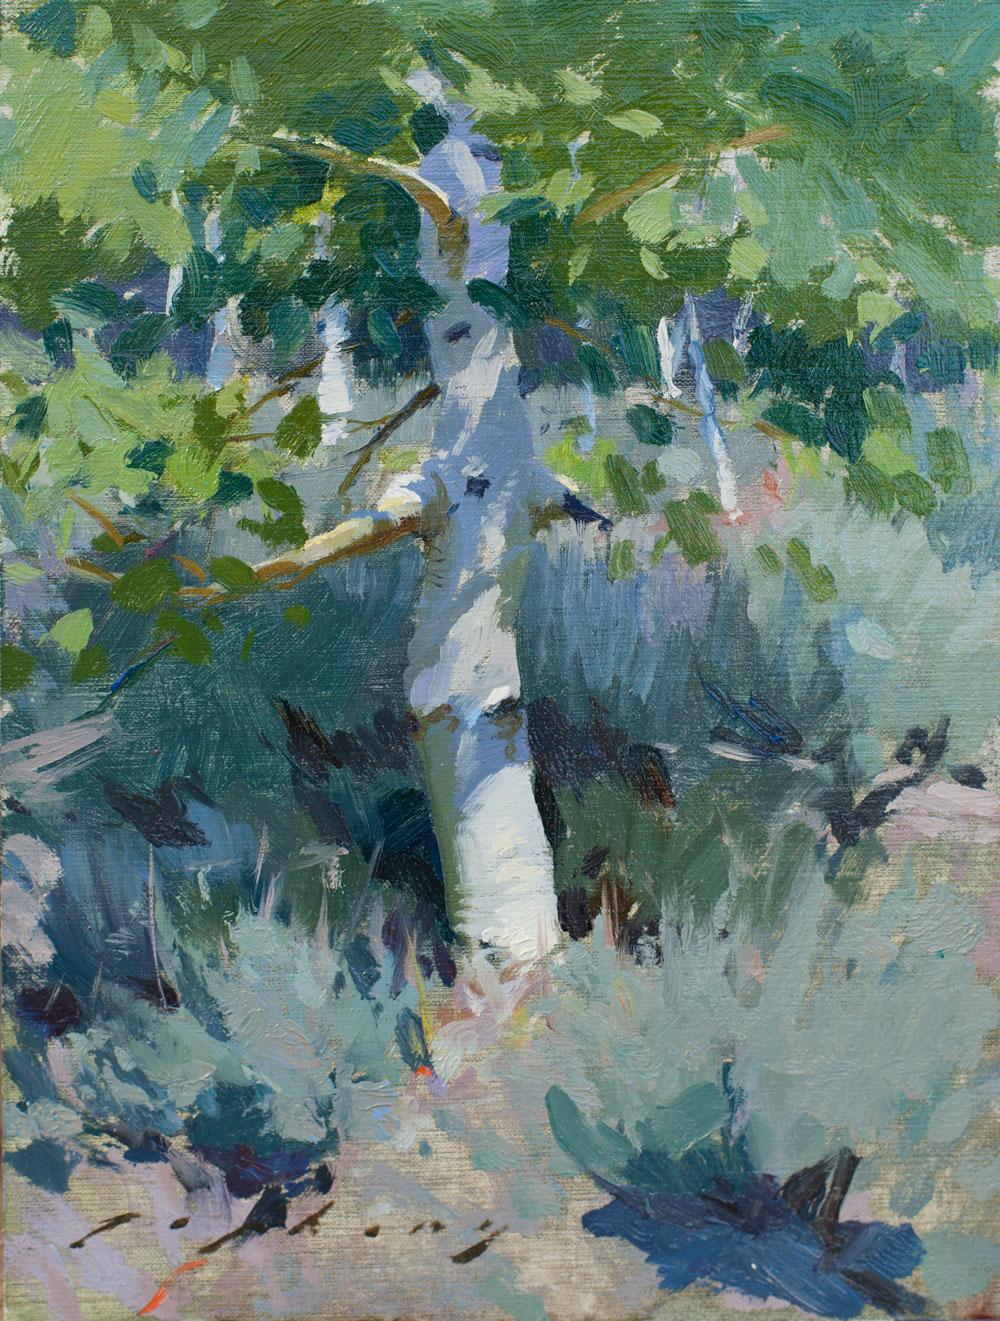 Sagebrush and Aspen